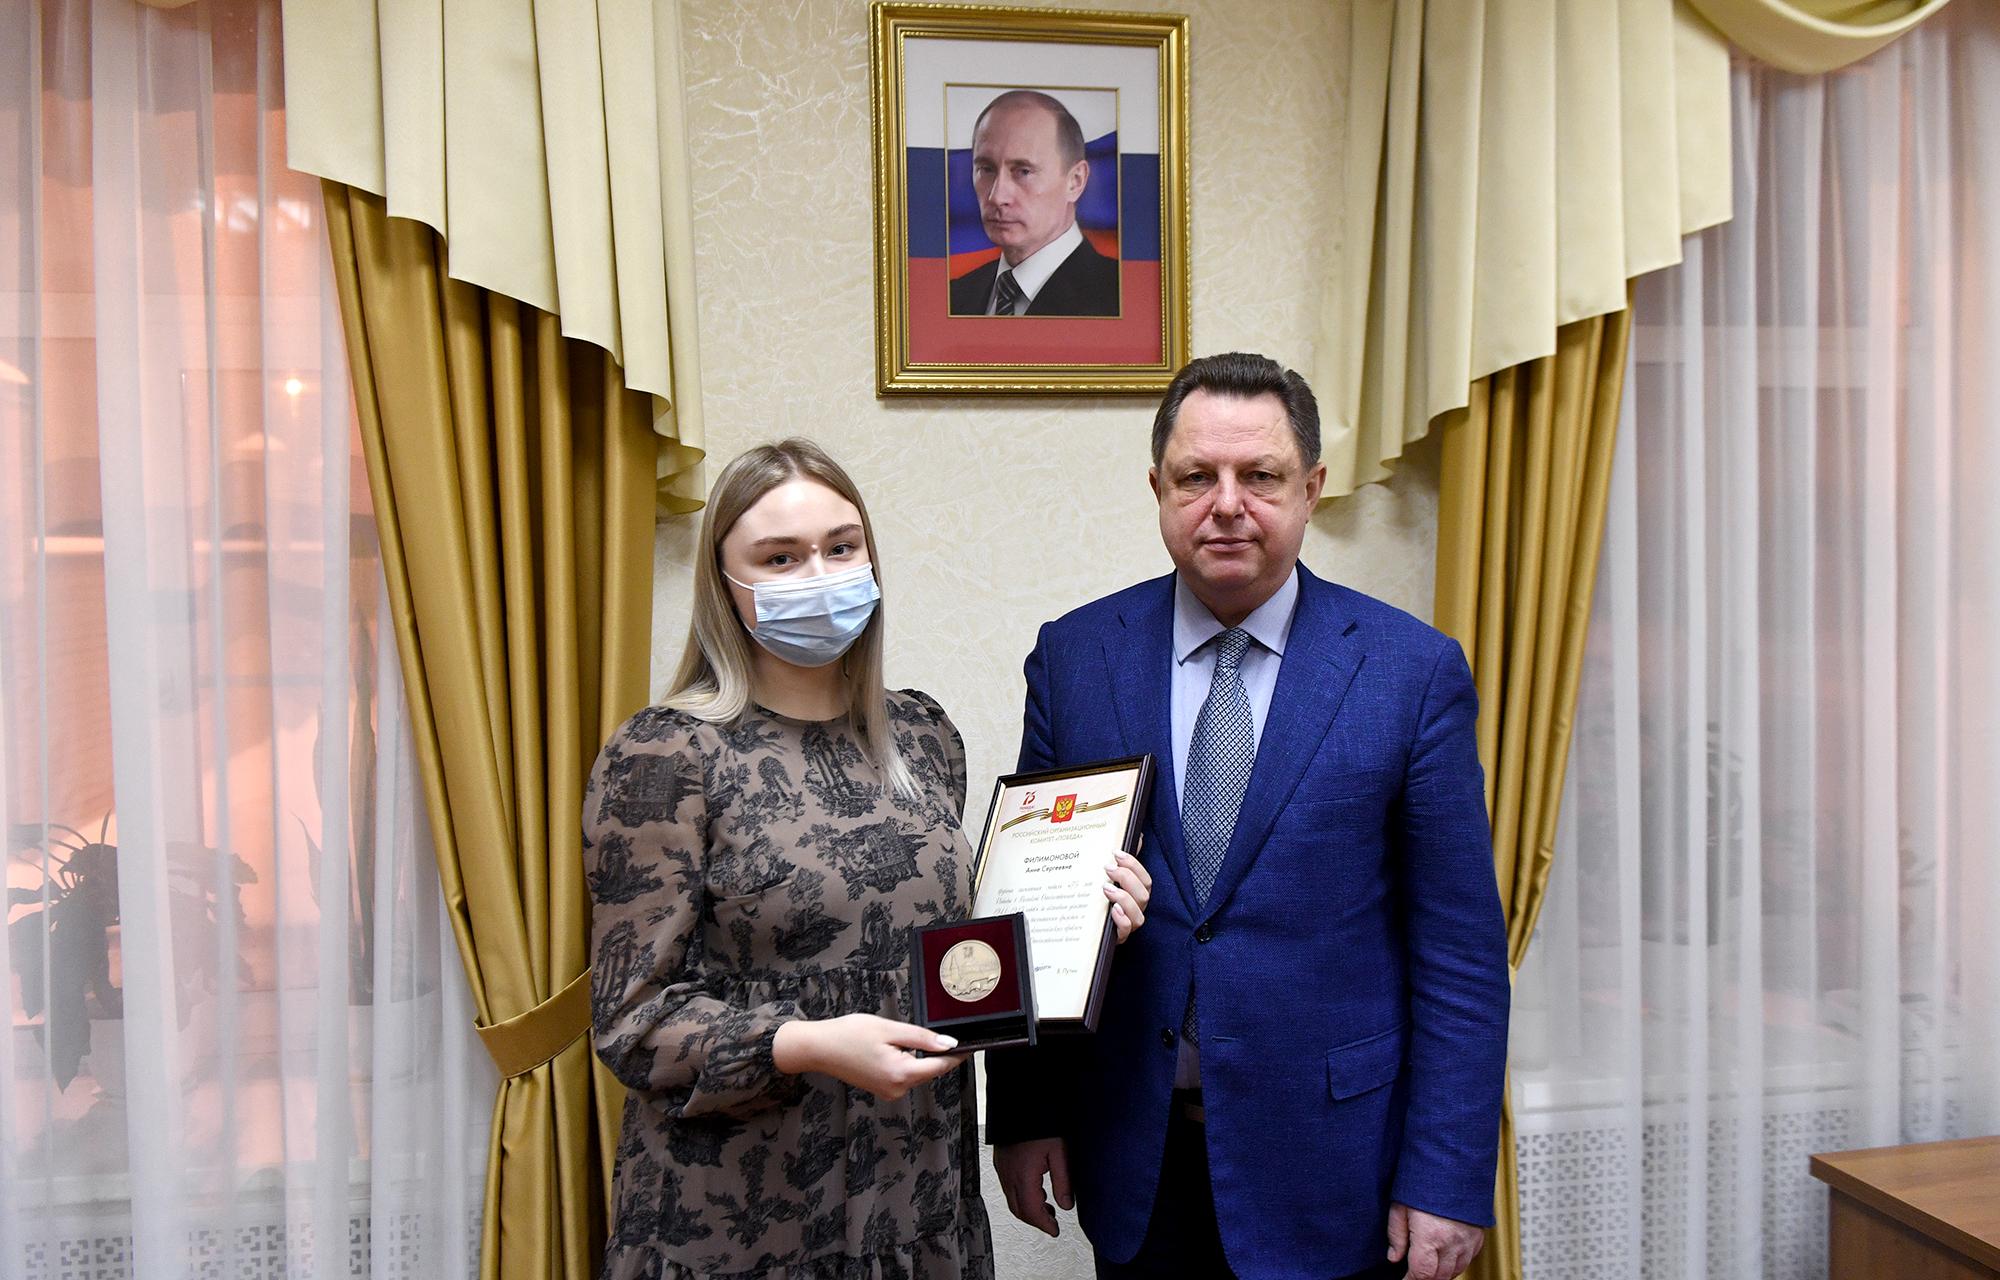 Сергей Сергеев и Анна Филимонова из Твери награждены памятной медалью к 75-летию Победы